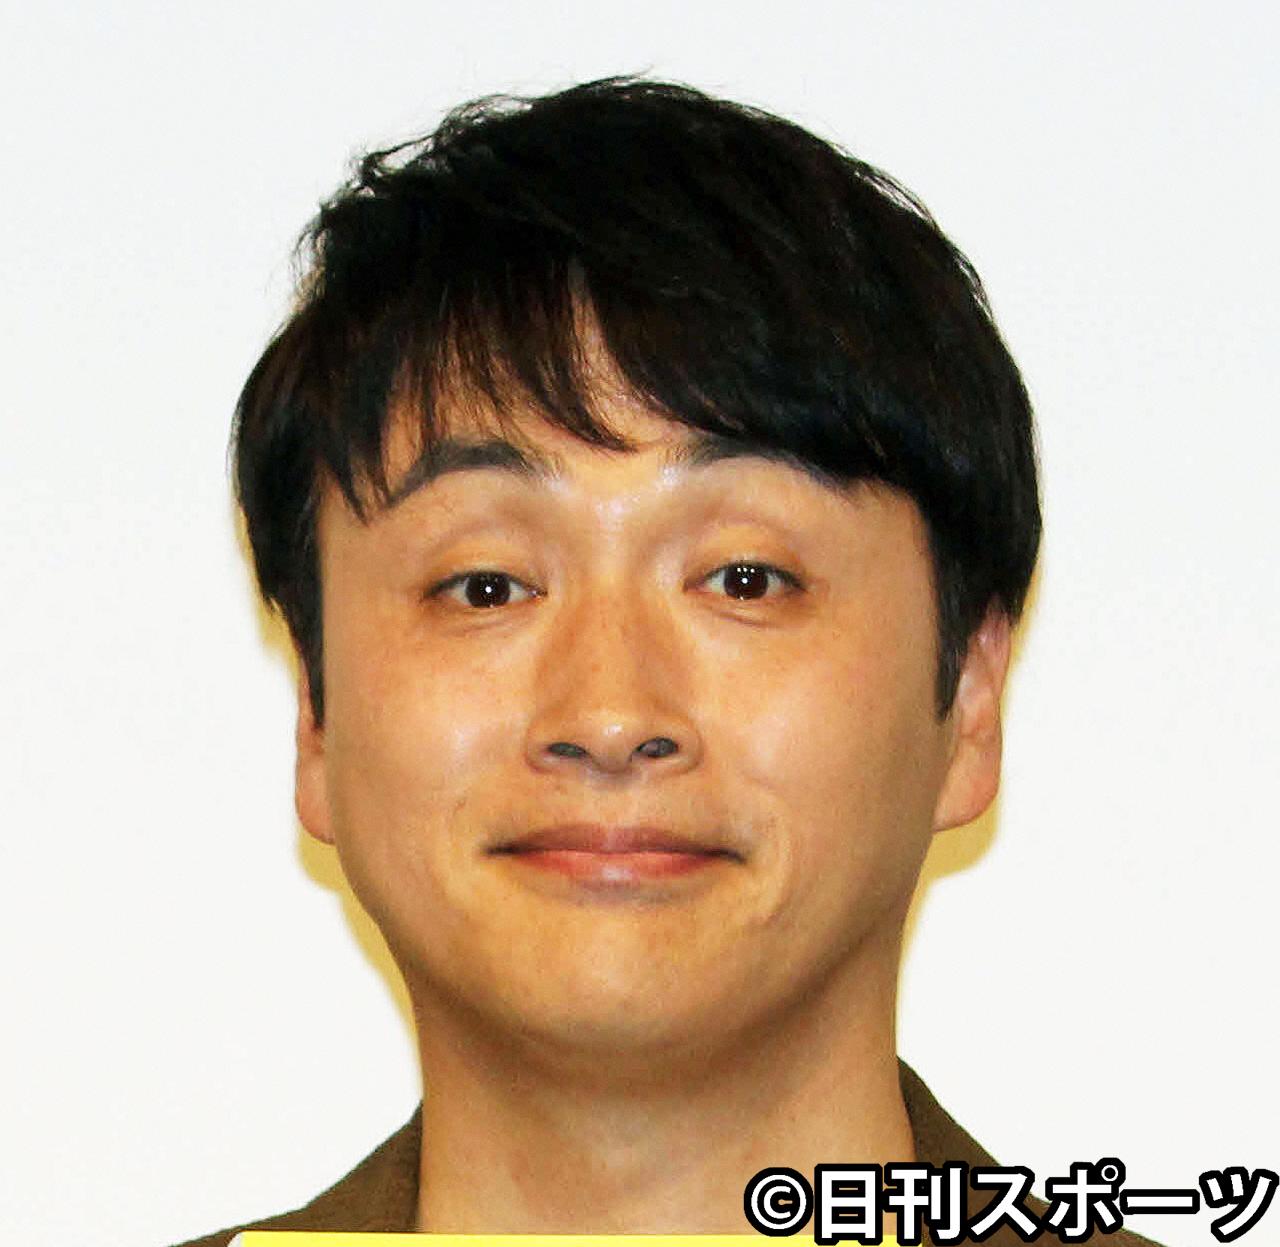 アンジャッシュ児嶋一哉(2018年5月10日撮影)